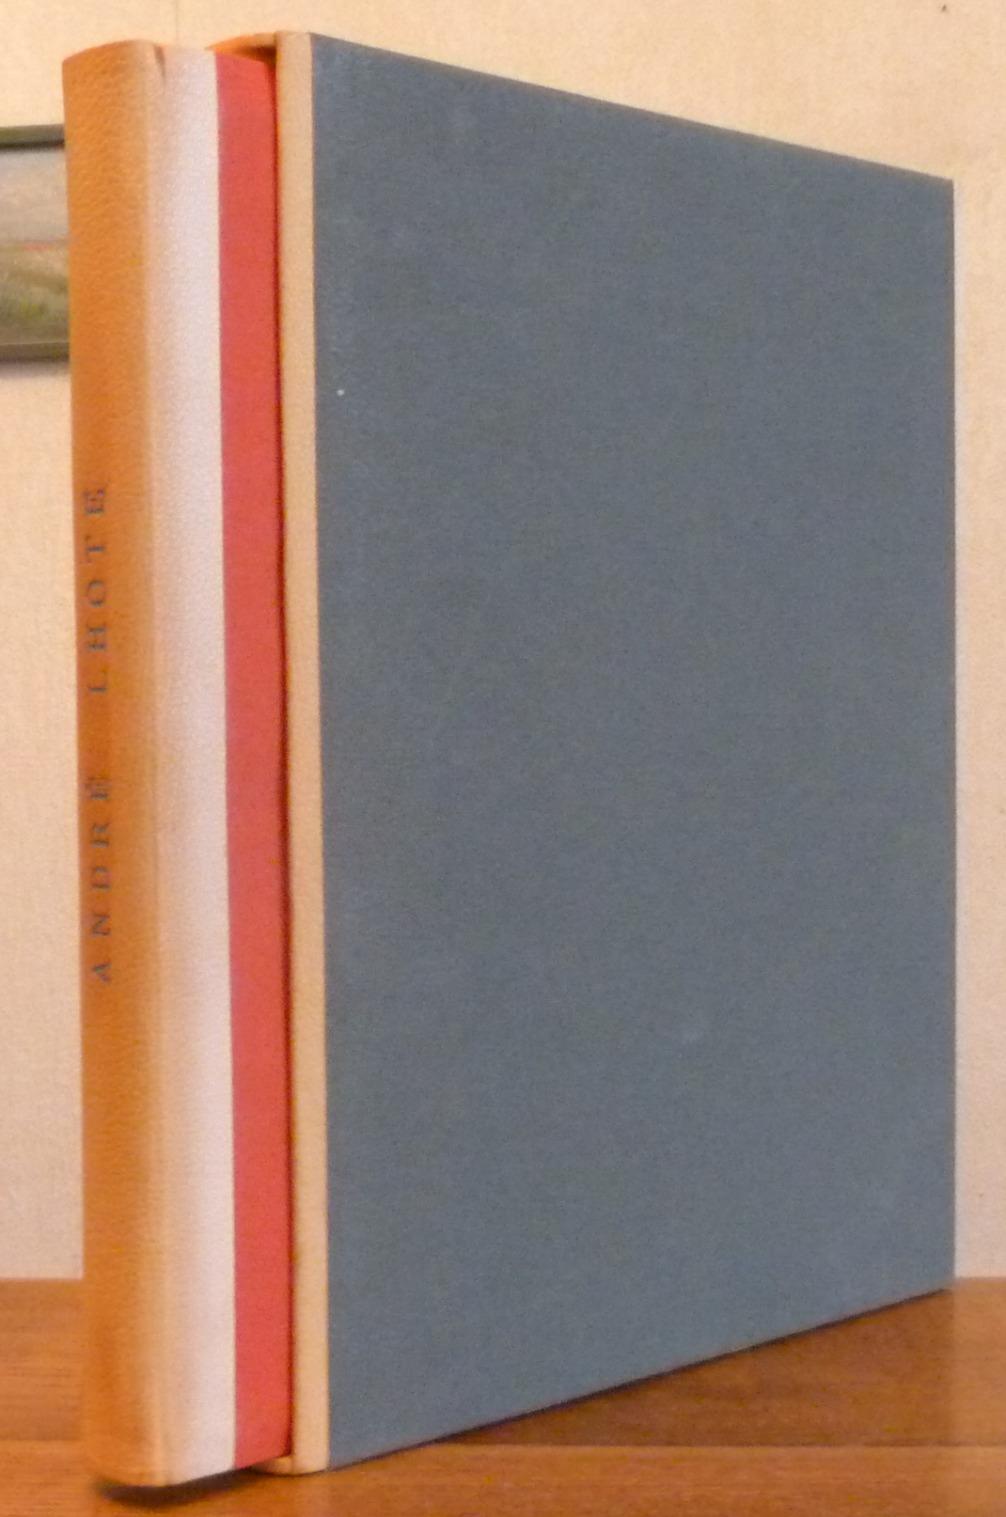 Demi-cuir à encadrements, reproduction en papiers marbré uni de deux tableaux de Lhote, en imitant la une de couverture